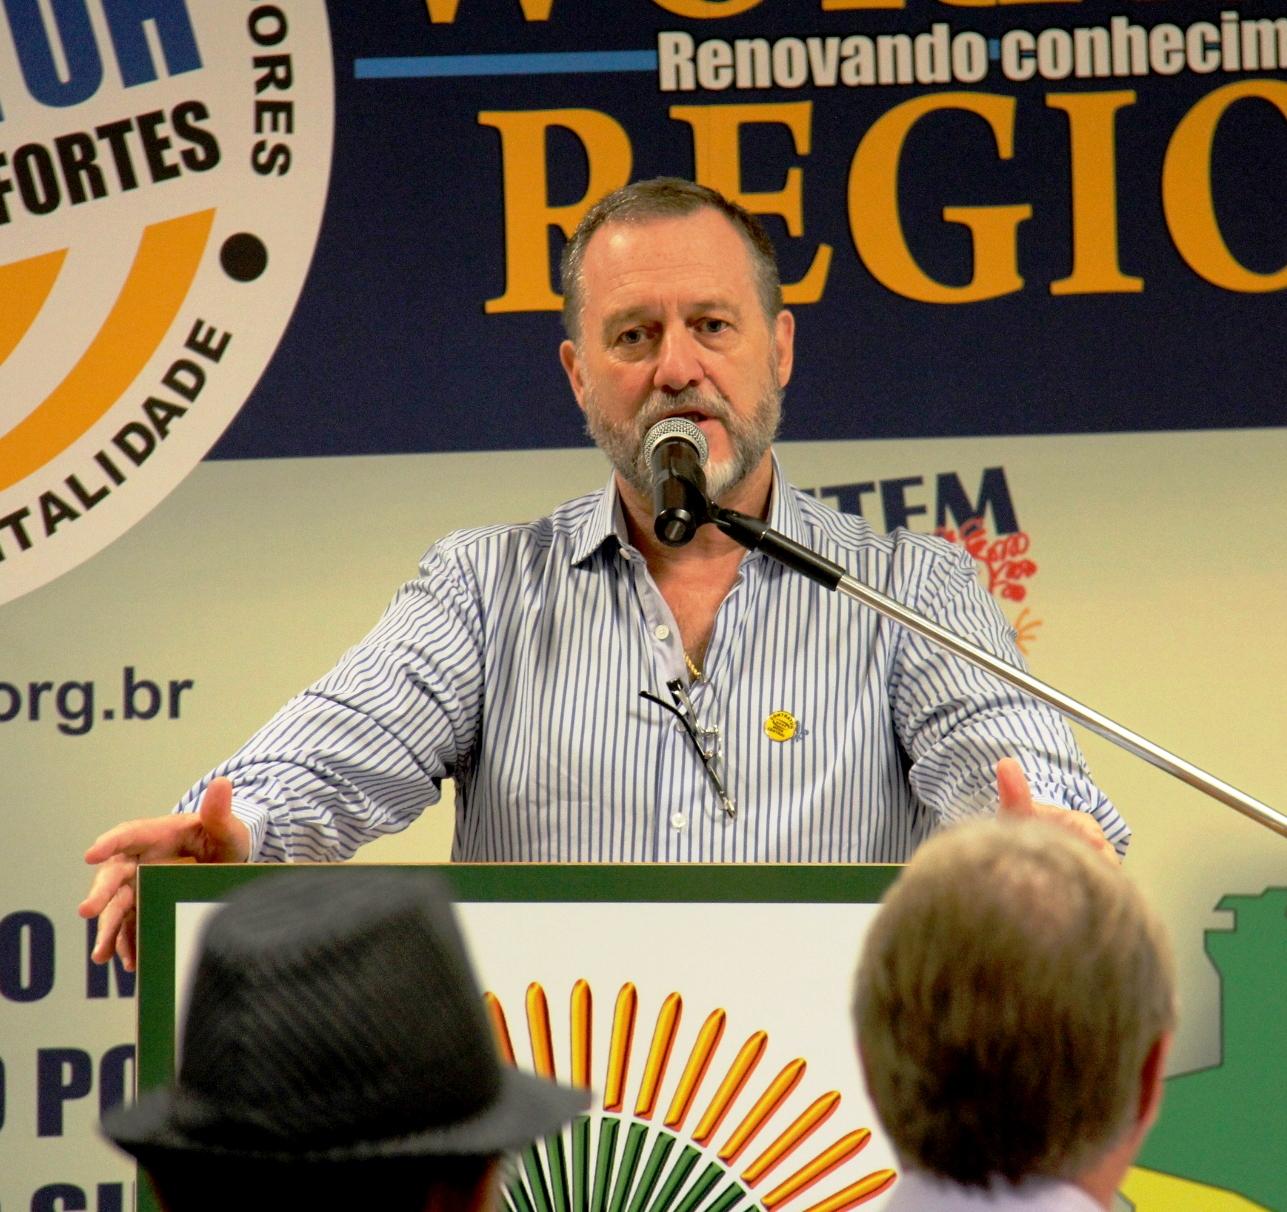 CONTRATUH presidente nacional da entidade fará a abertura do congresso.